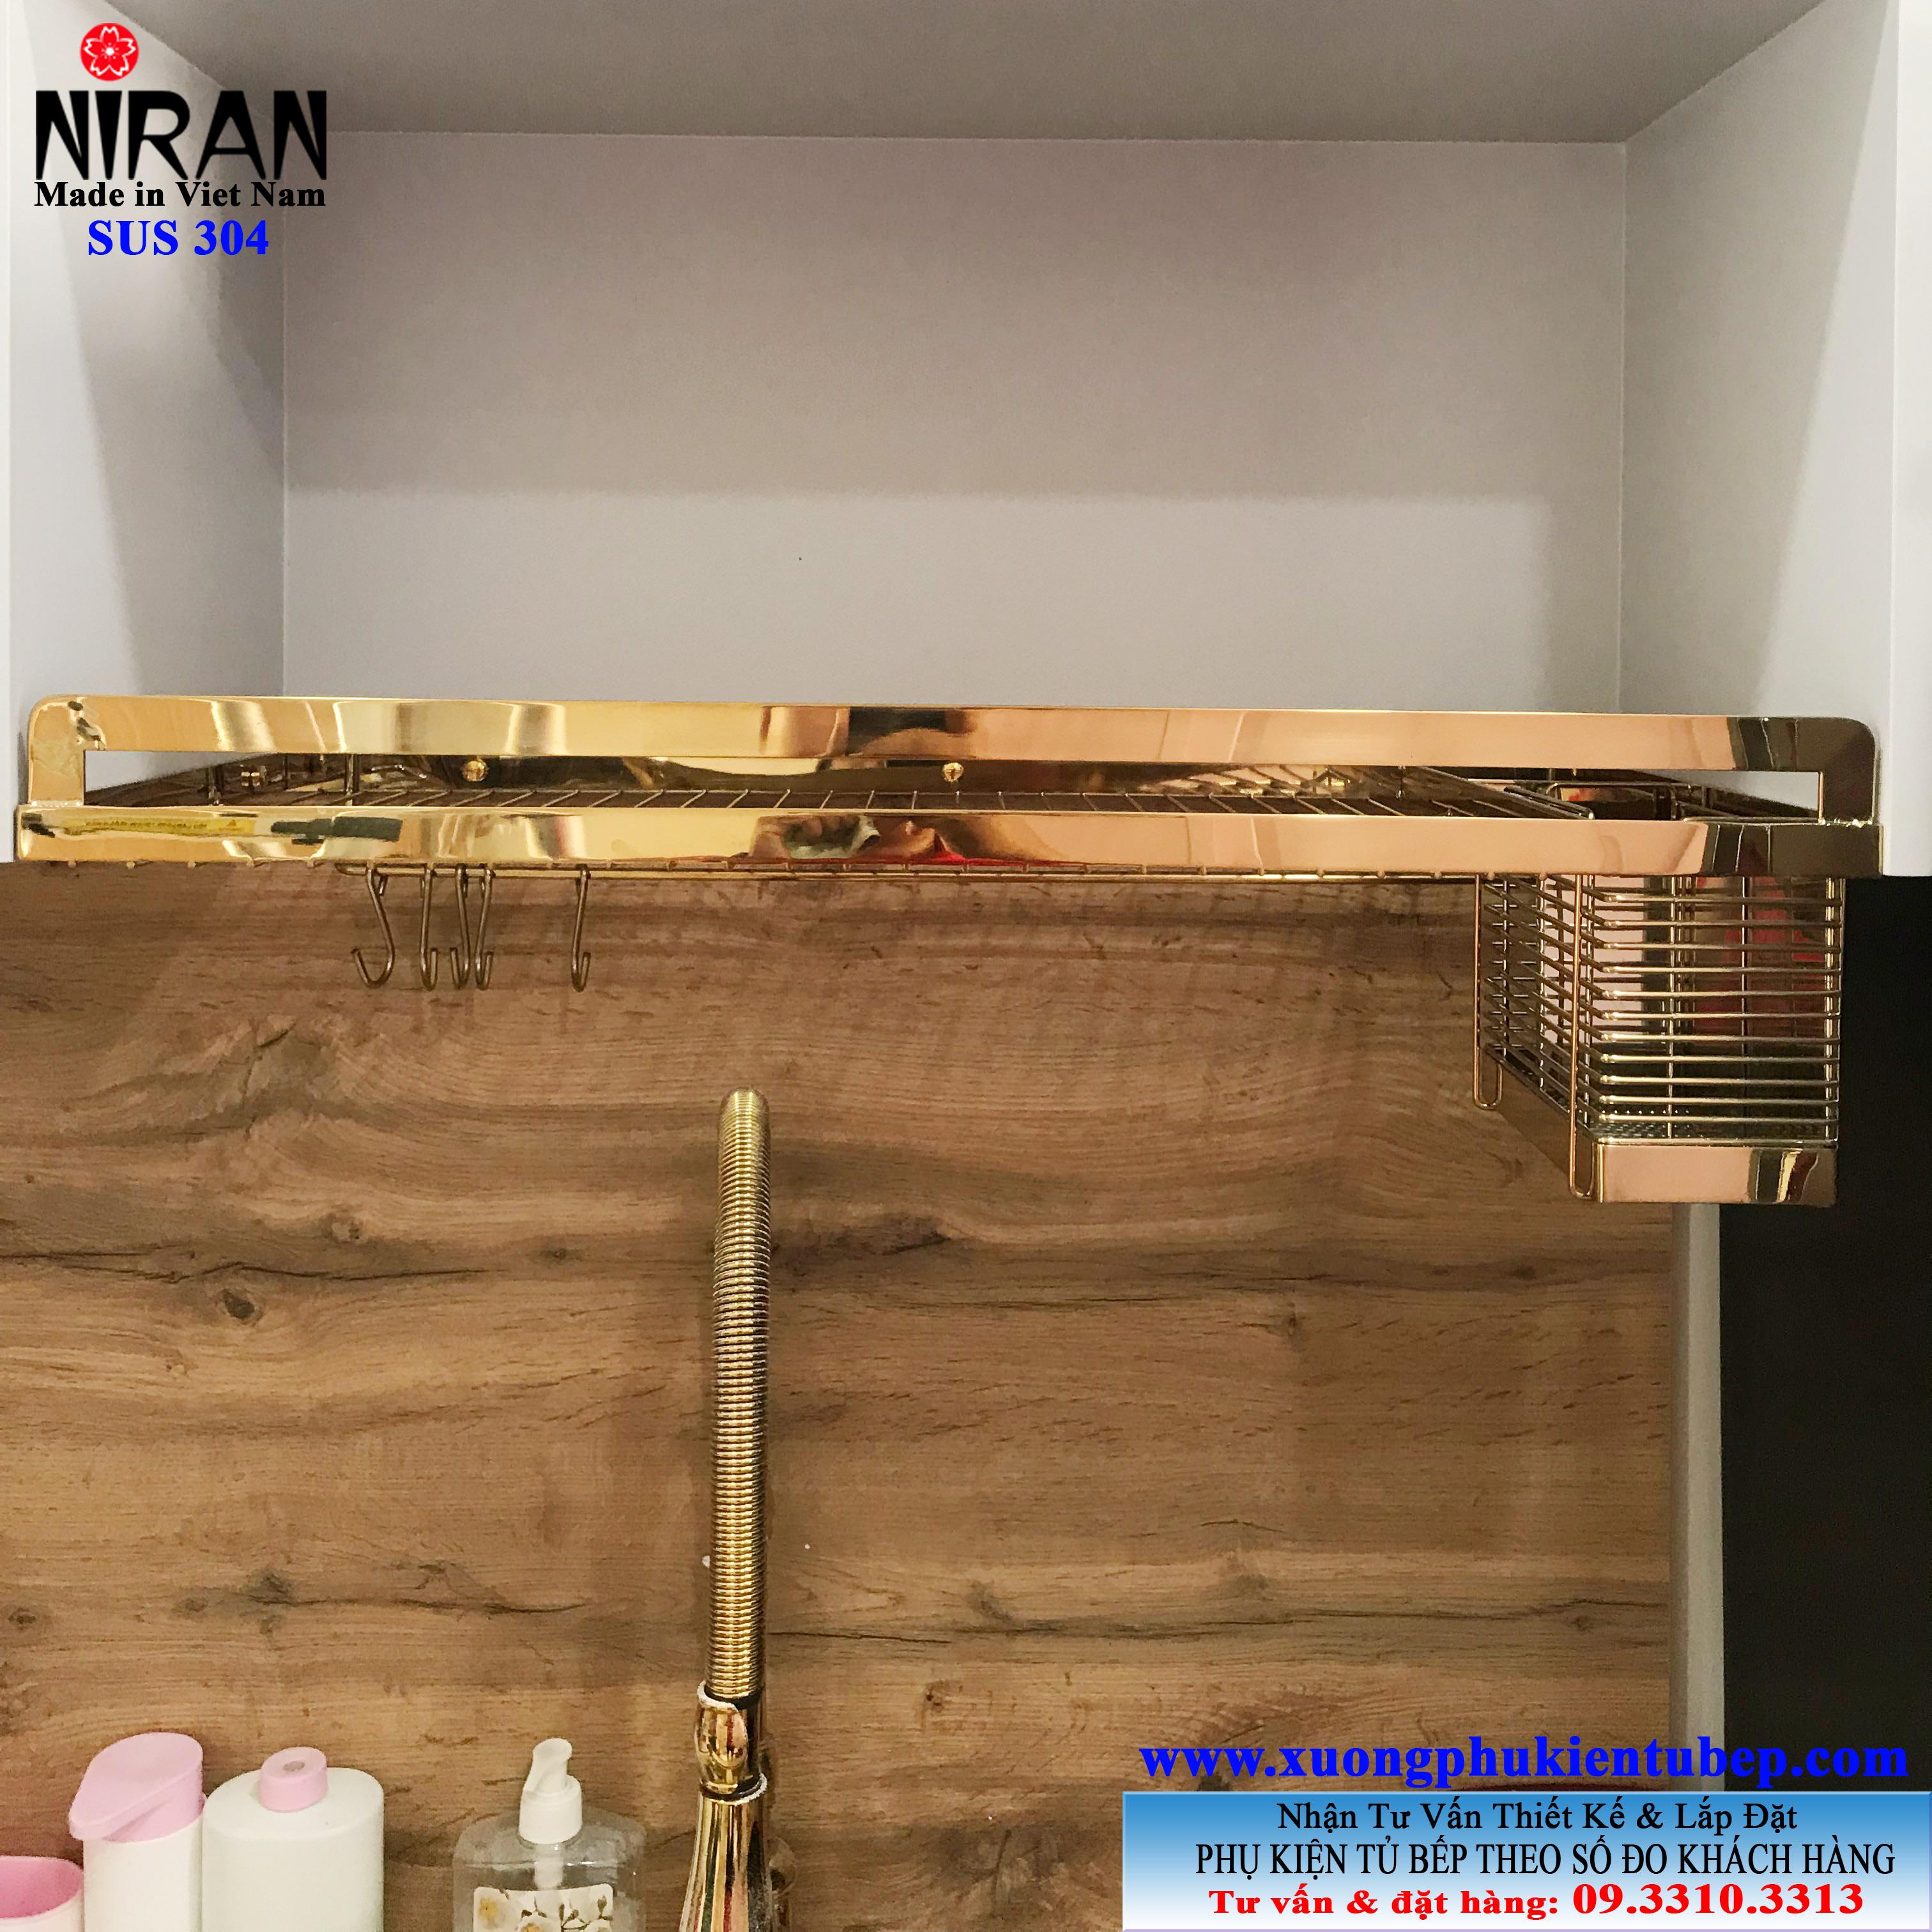 Ke chen dia 1 tang Gold Niran NR0112